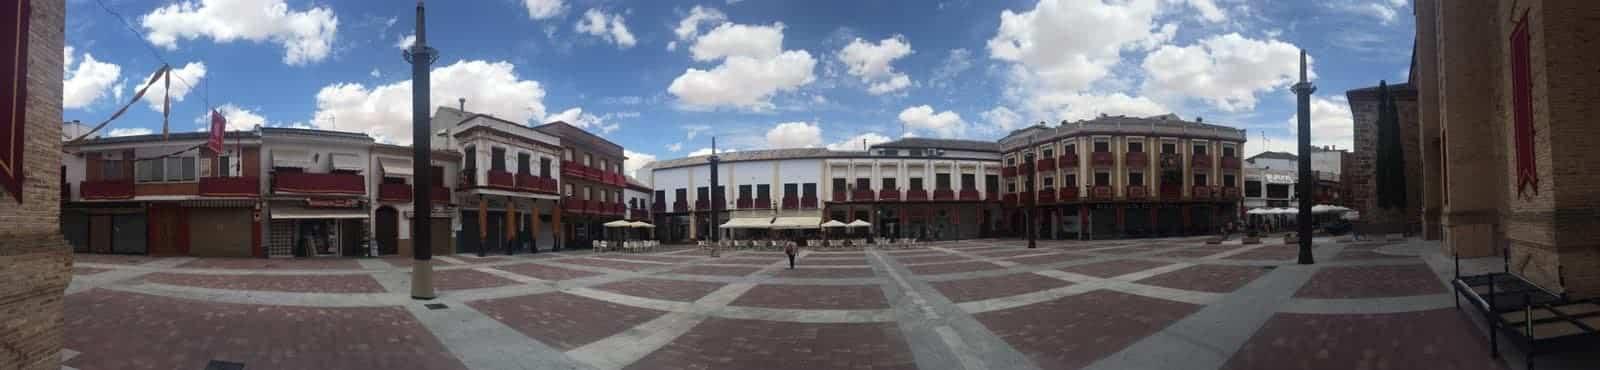 nueva plaza espana en herencia - Herencia para el programa Especial Fin de Año en Castilla-La Mancha